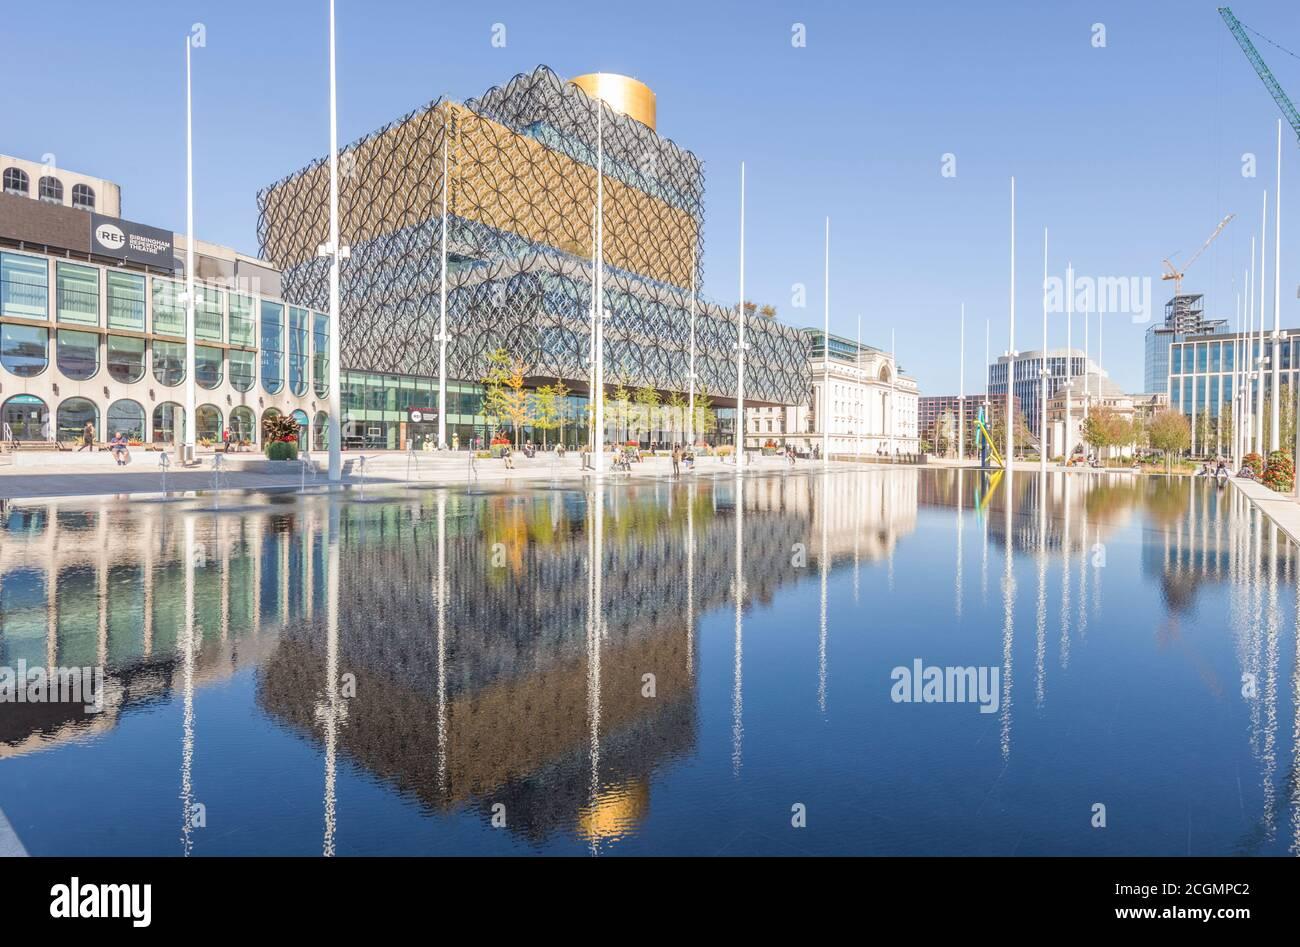 Bibliothèque de Birmingham à Centenary Square, Birmingham, Angleterre, Royaume-Uni Banque D'Images